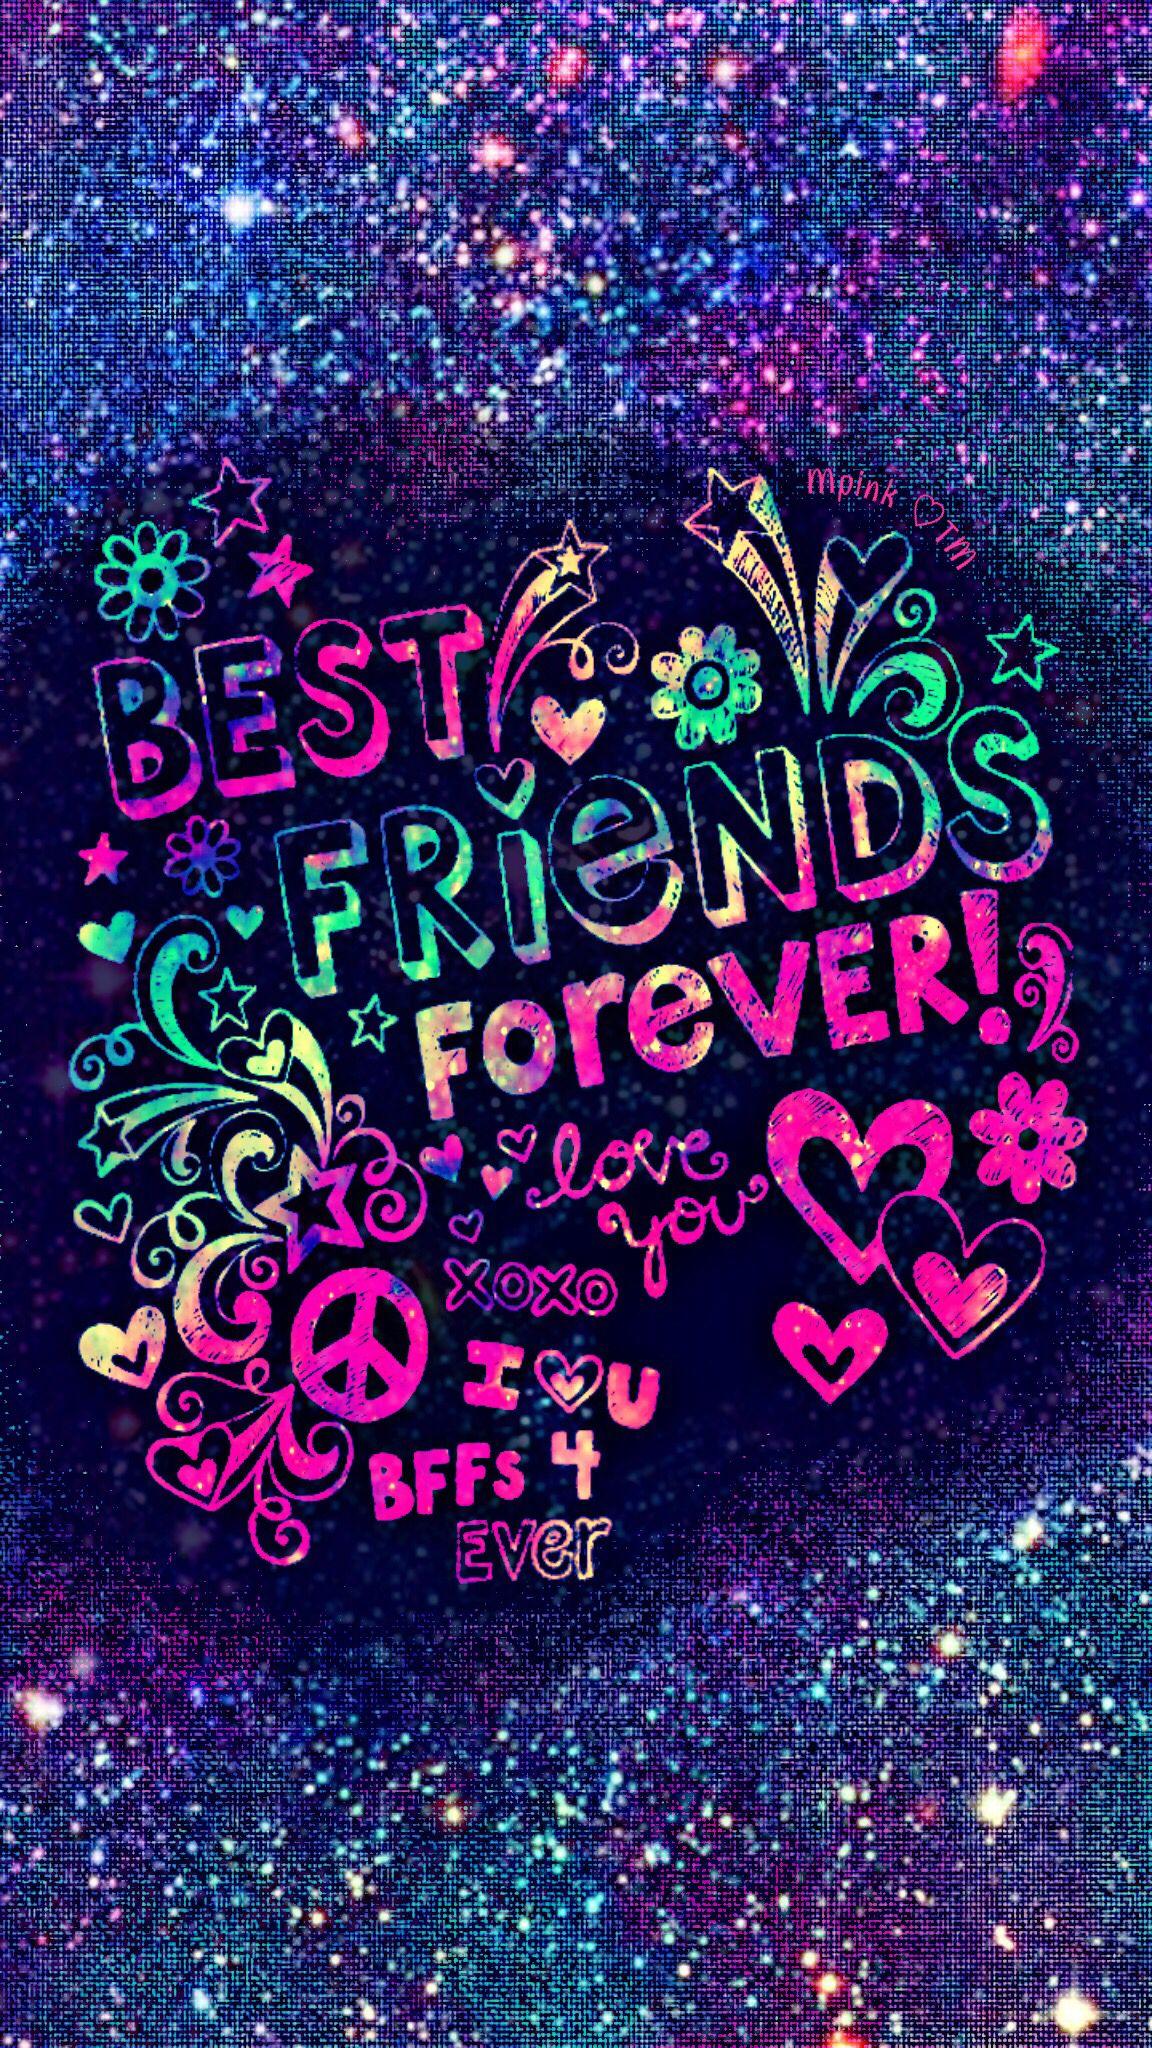 Pin By Nagin Jan On R૨yettყ Wคℓℓเyeઽ Best Friends Forever Images Best Friend Wallpaper Friends Wallpaper